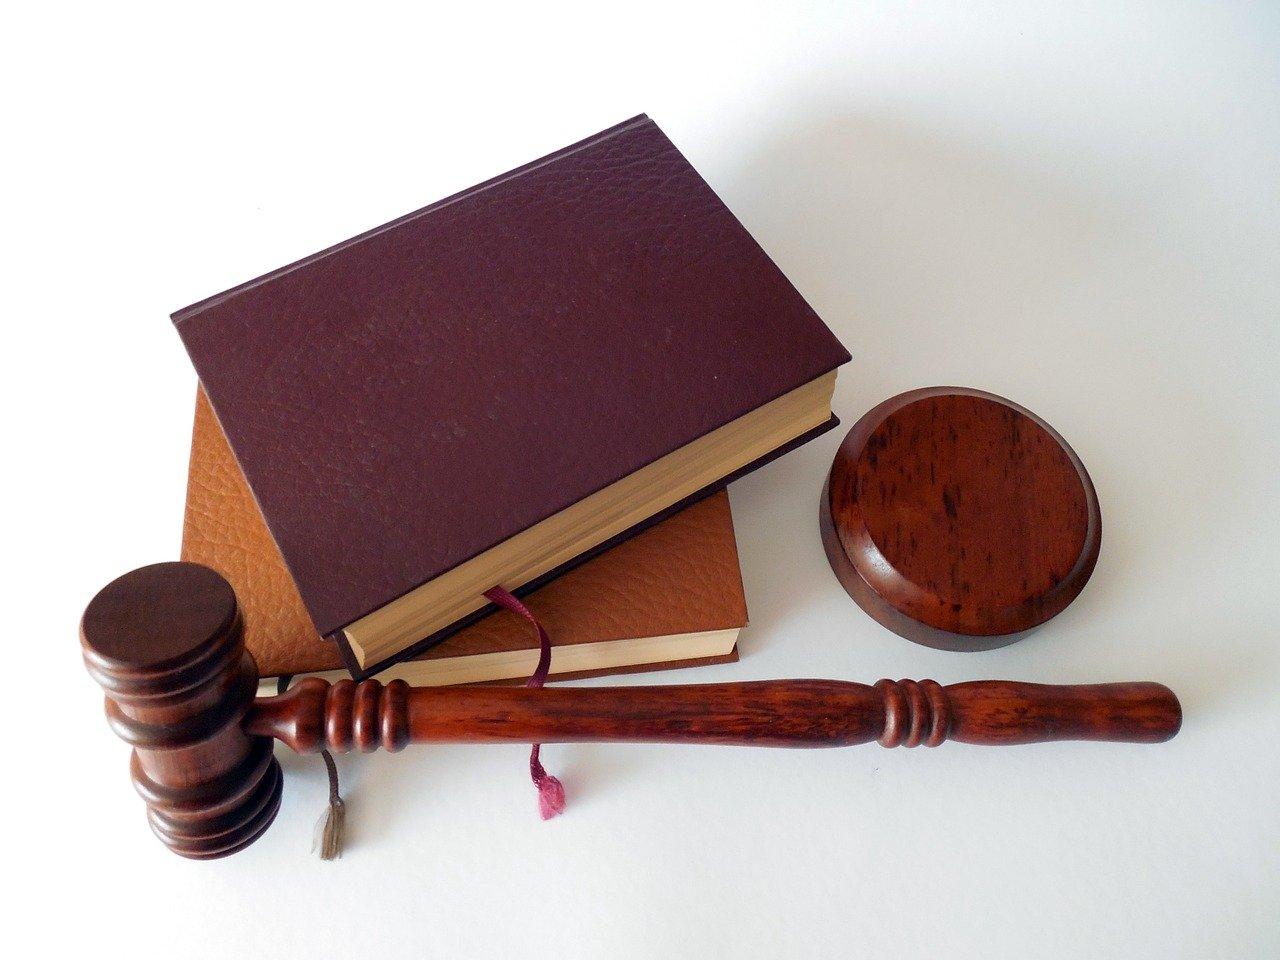 hammer, books, for court cases